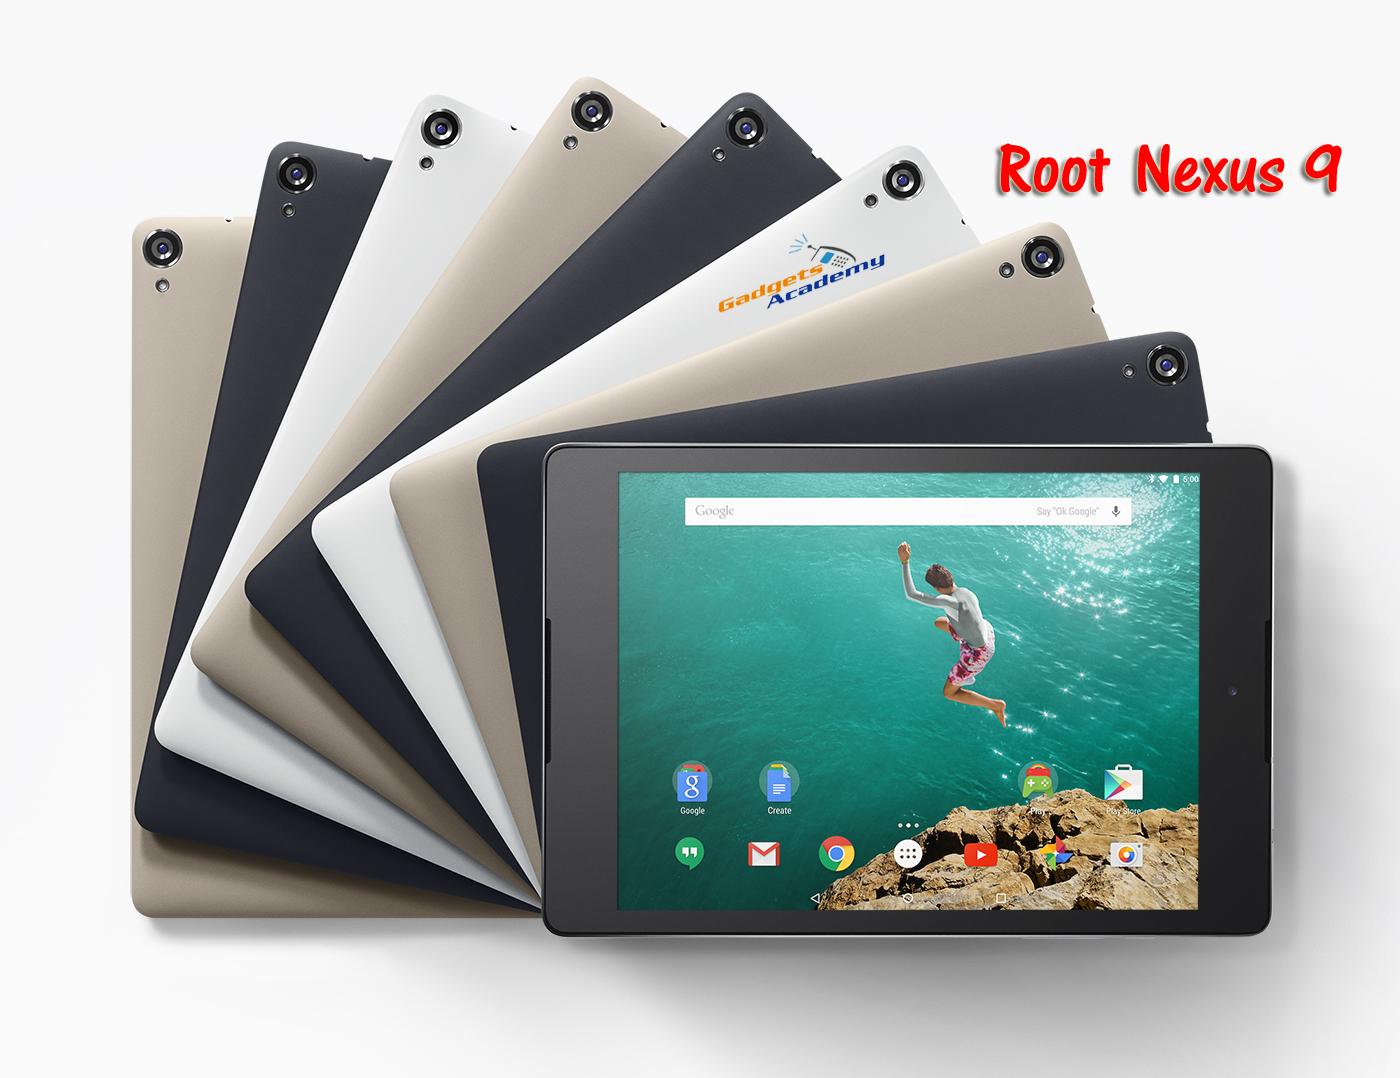 Root Nexus 9